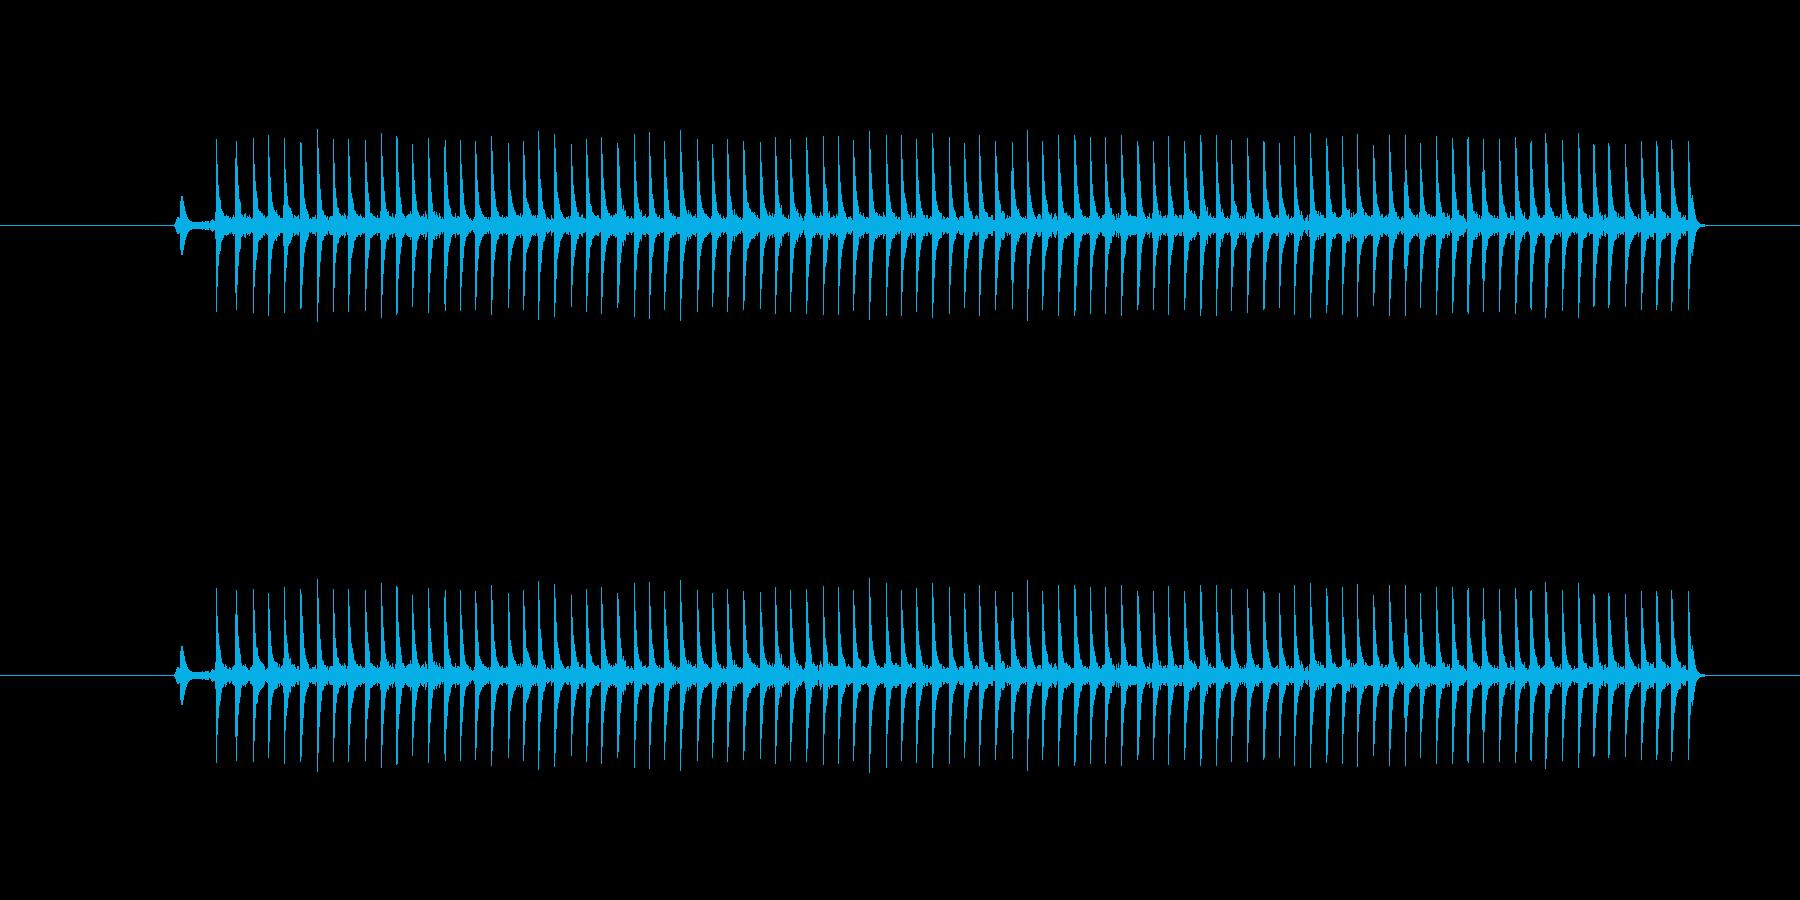 ゲーム、クイズ(ブー音)_001の再生済みの波形